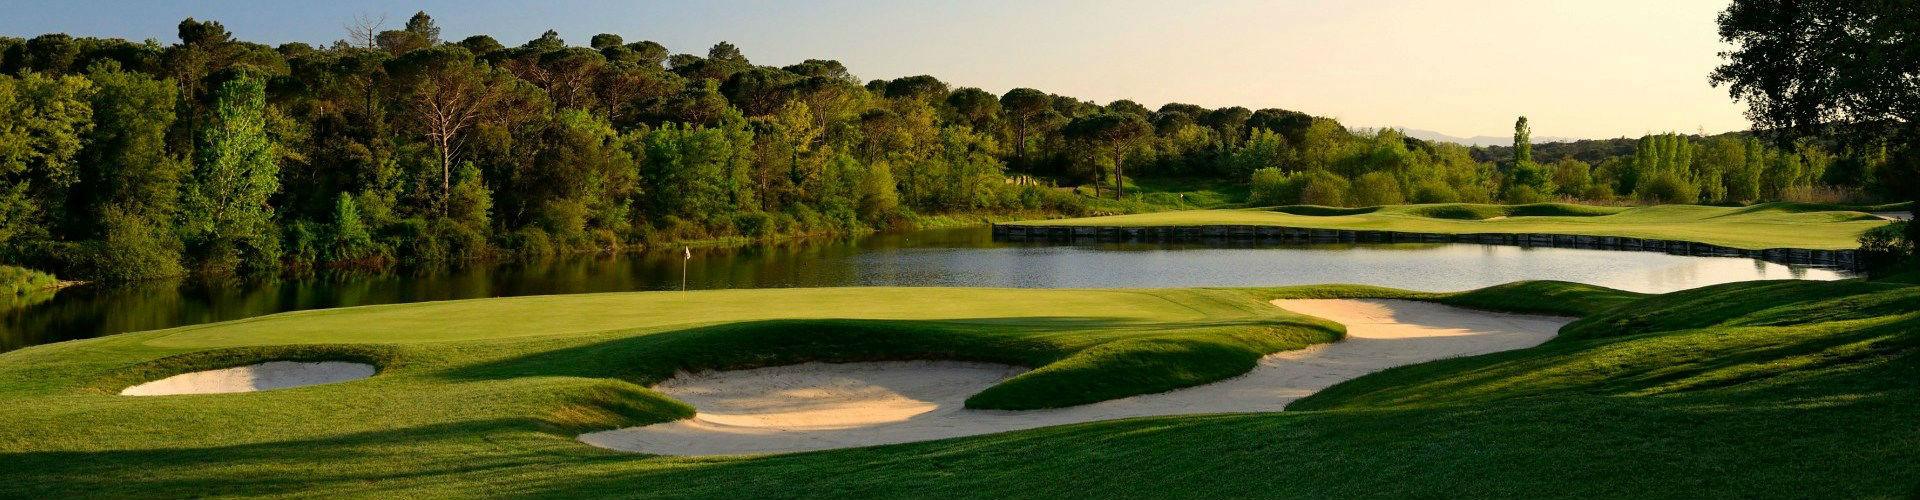 Golfresor Spanien - golfreseguiden.se